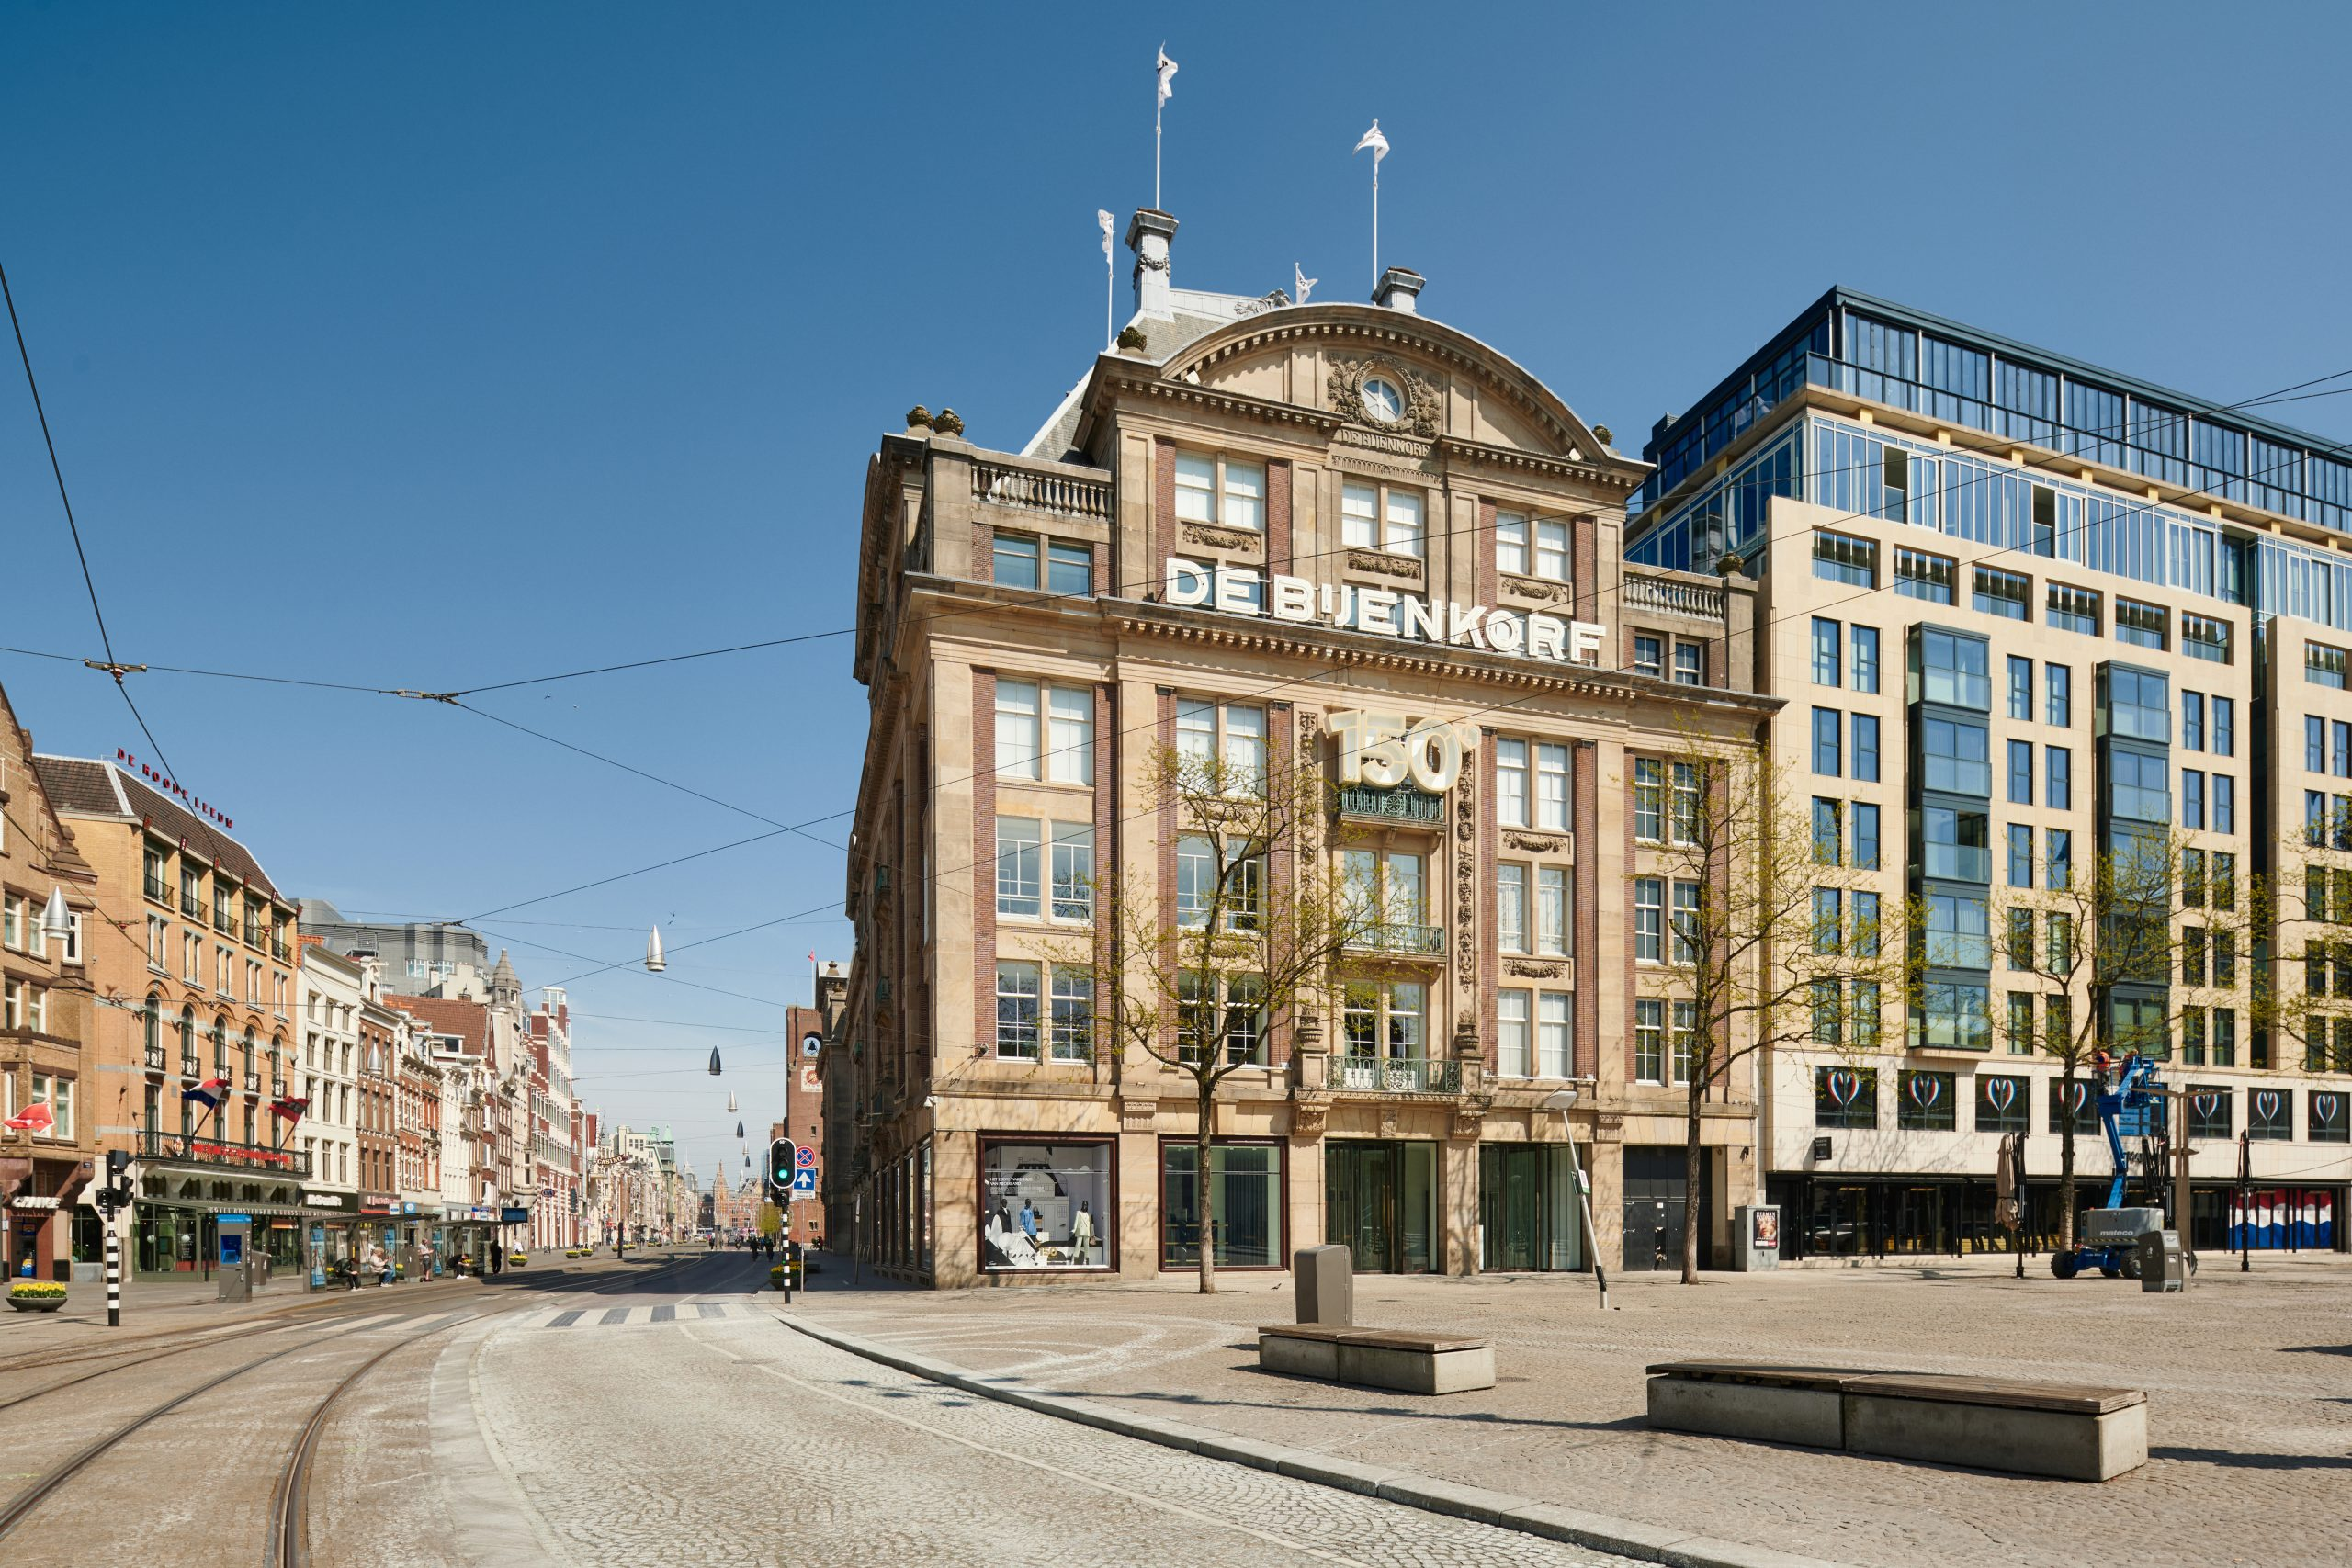 荷兰房市:格罗宁根是第二个阿姆斯特丹